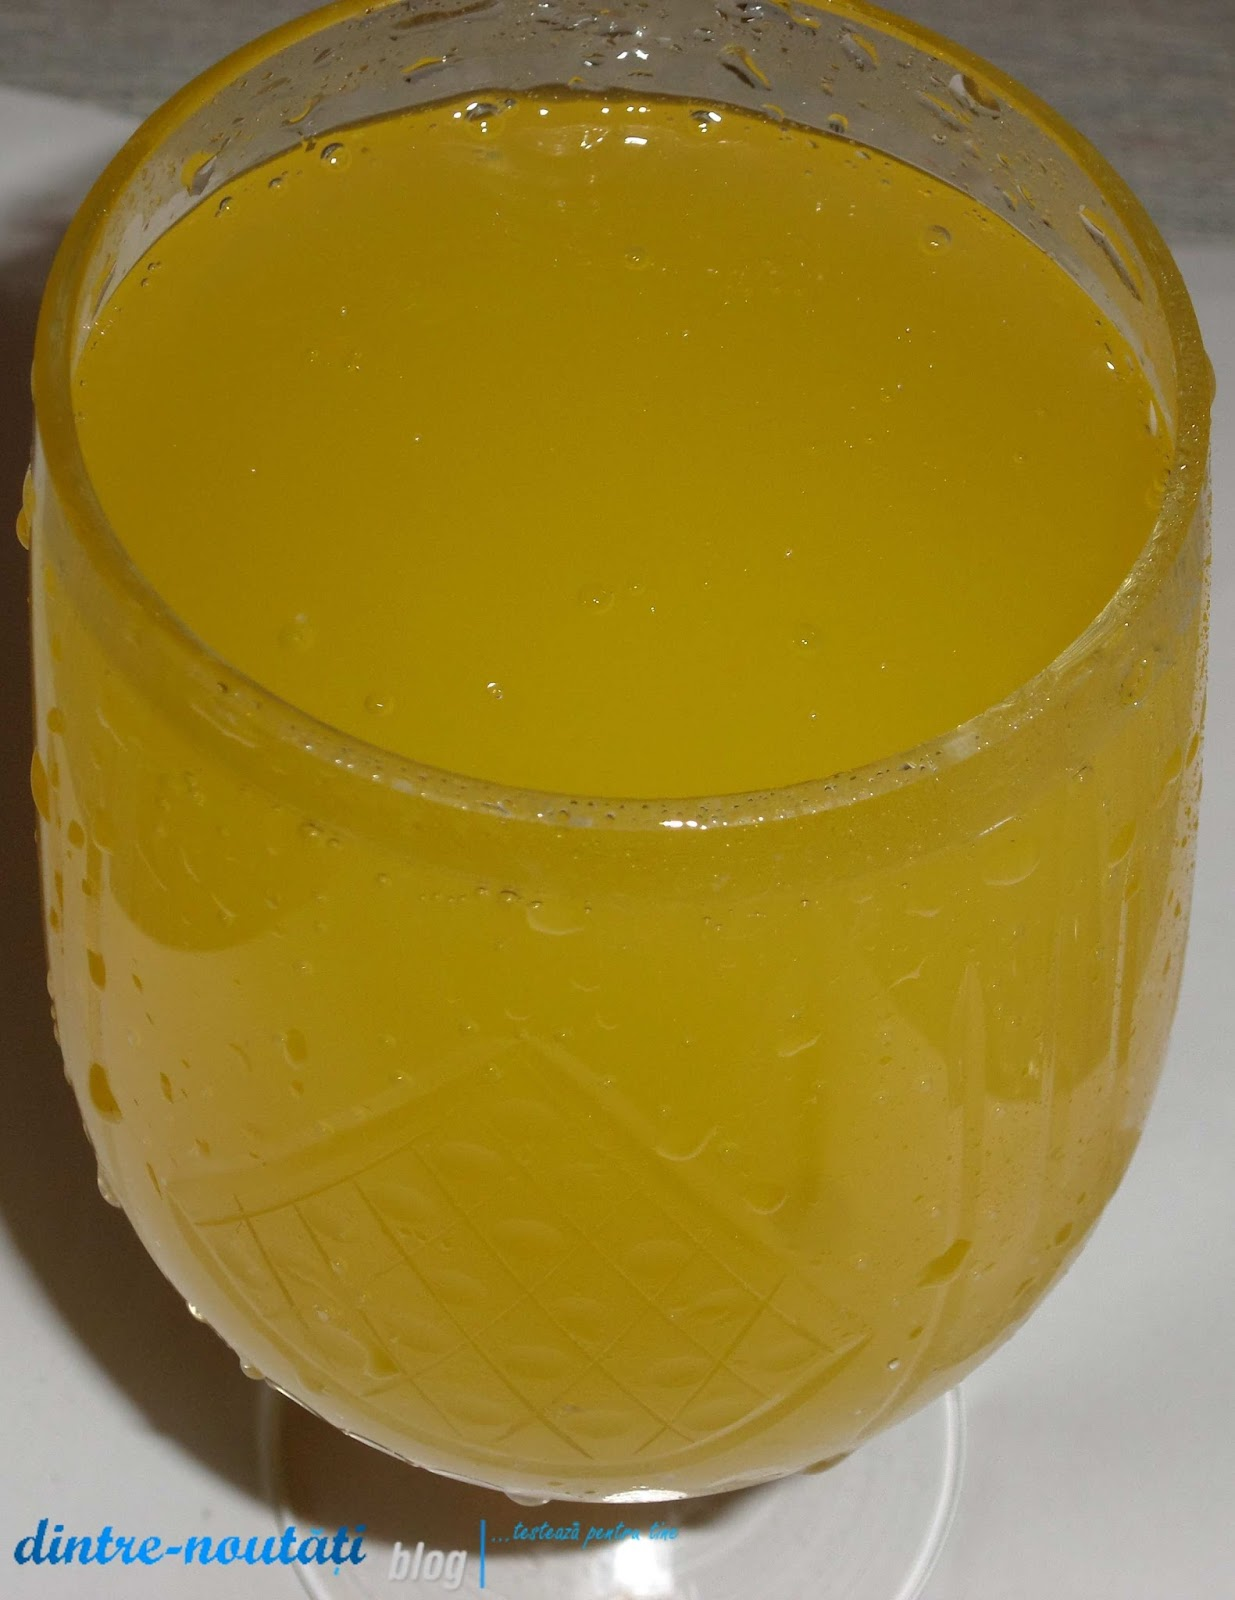 Băutură Fanta Zero 330 ml răcoritoare carbogazoasă cu suc de portocale și îndulcitori